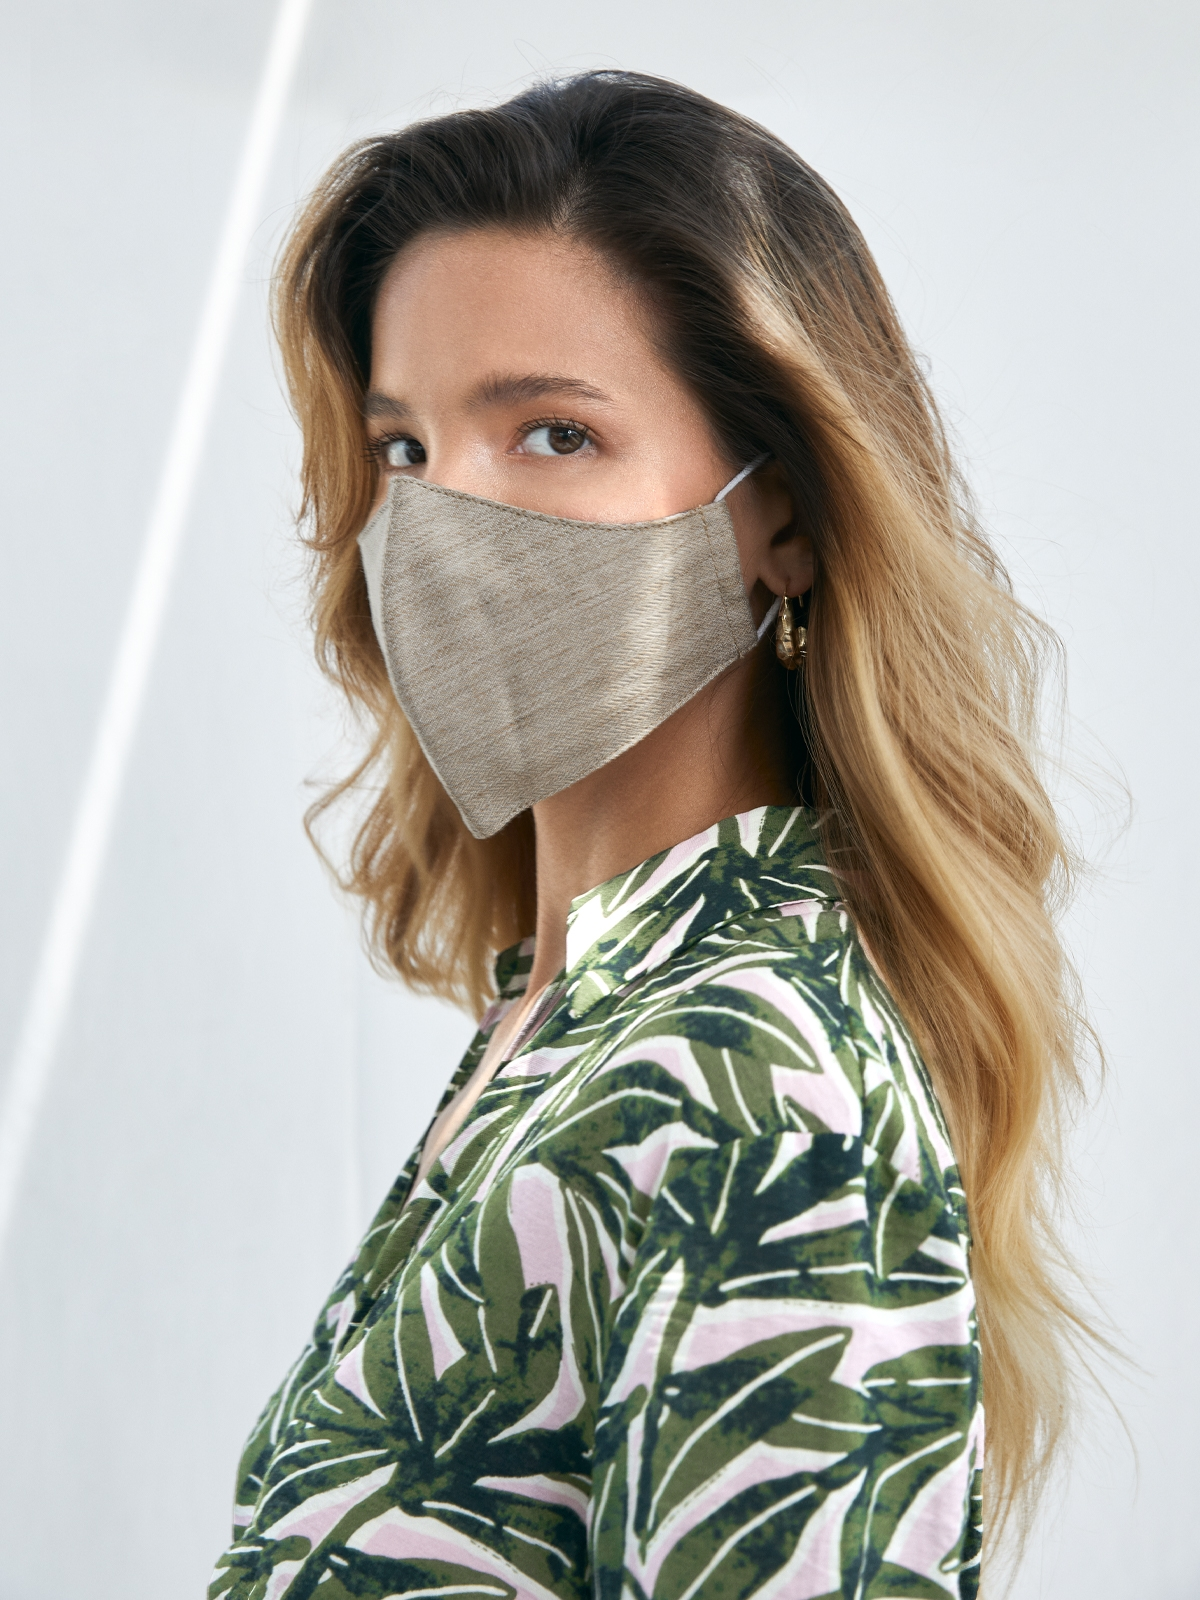 People Triple Defense Layer Mask Beige Knit Beige